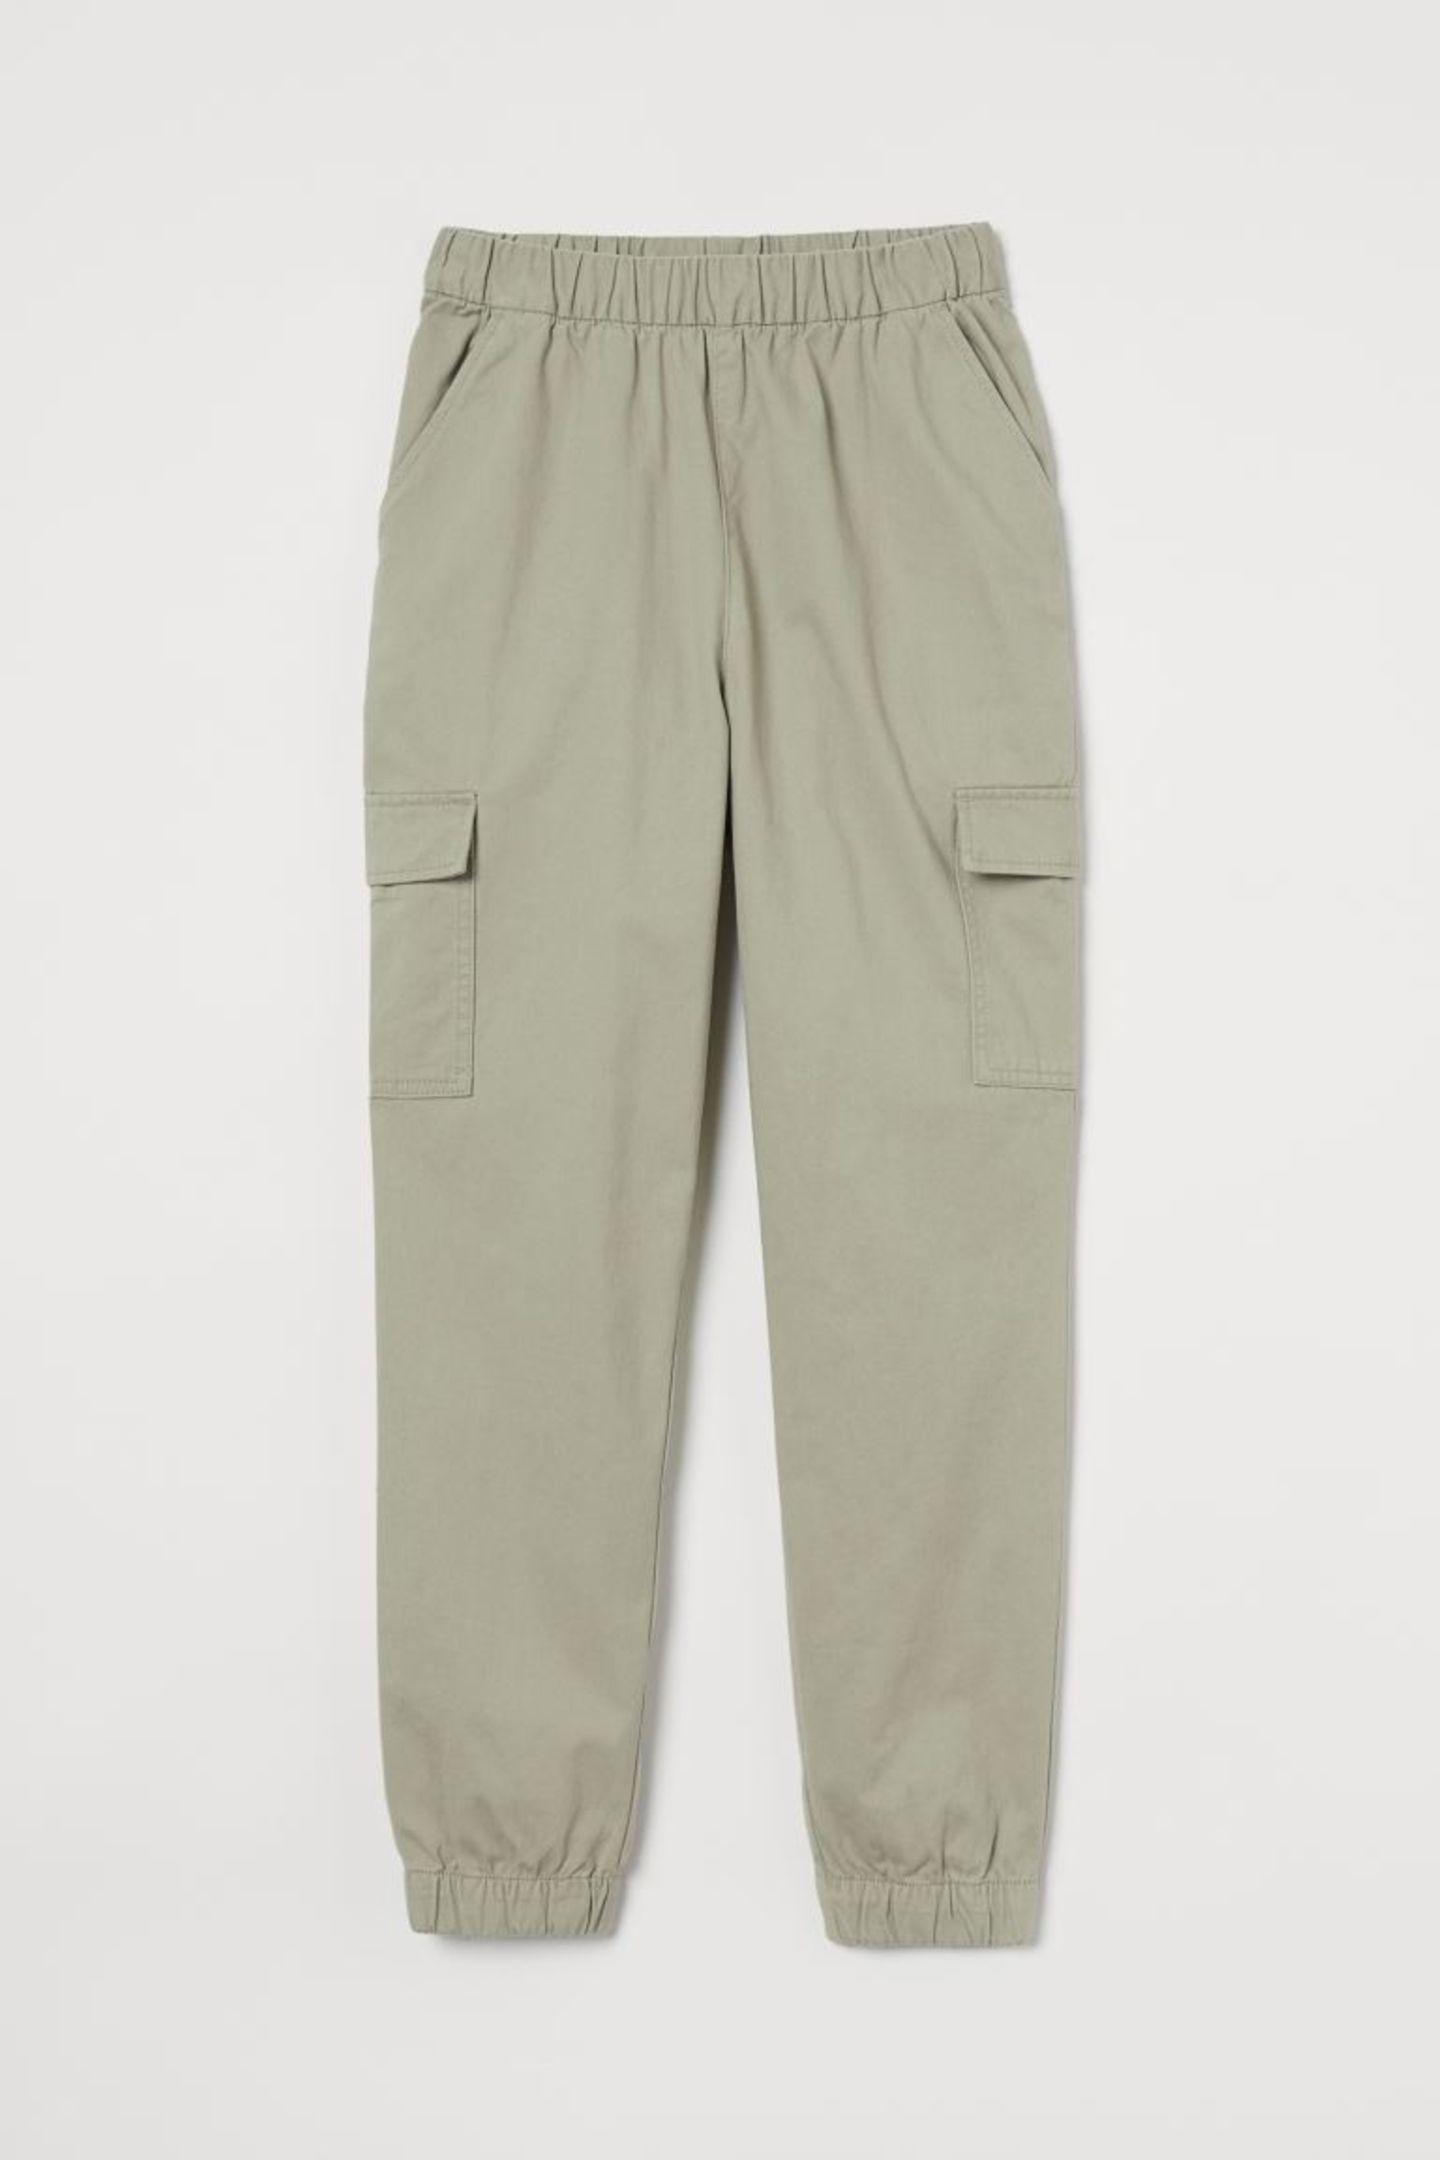 Wer jetzt keine Lust auf Jeans hat, der setzt diese Saison auf stylische Cargohosen. Diese pistaziengrüne Hose in 7/8-Länge passt einfach zu allem. Cargohose aus Twill von H&M, circa 15 Euro.